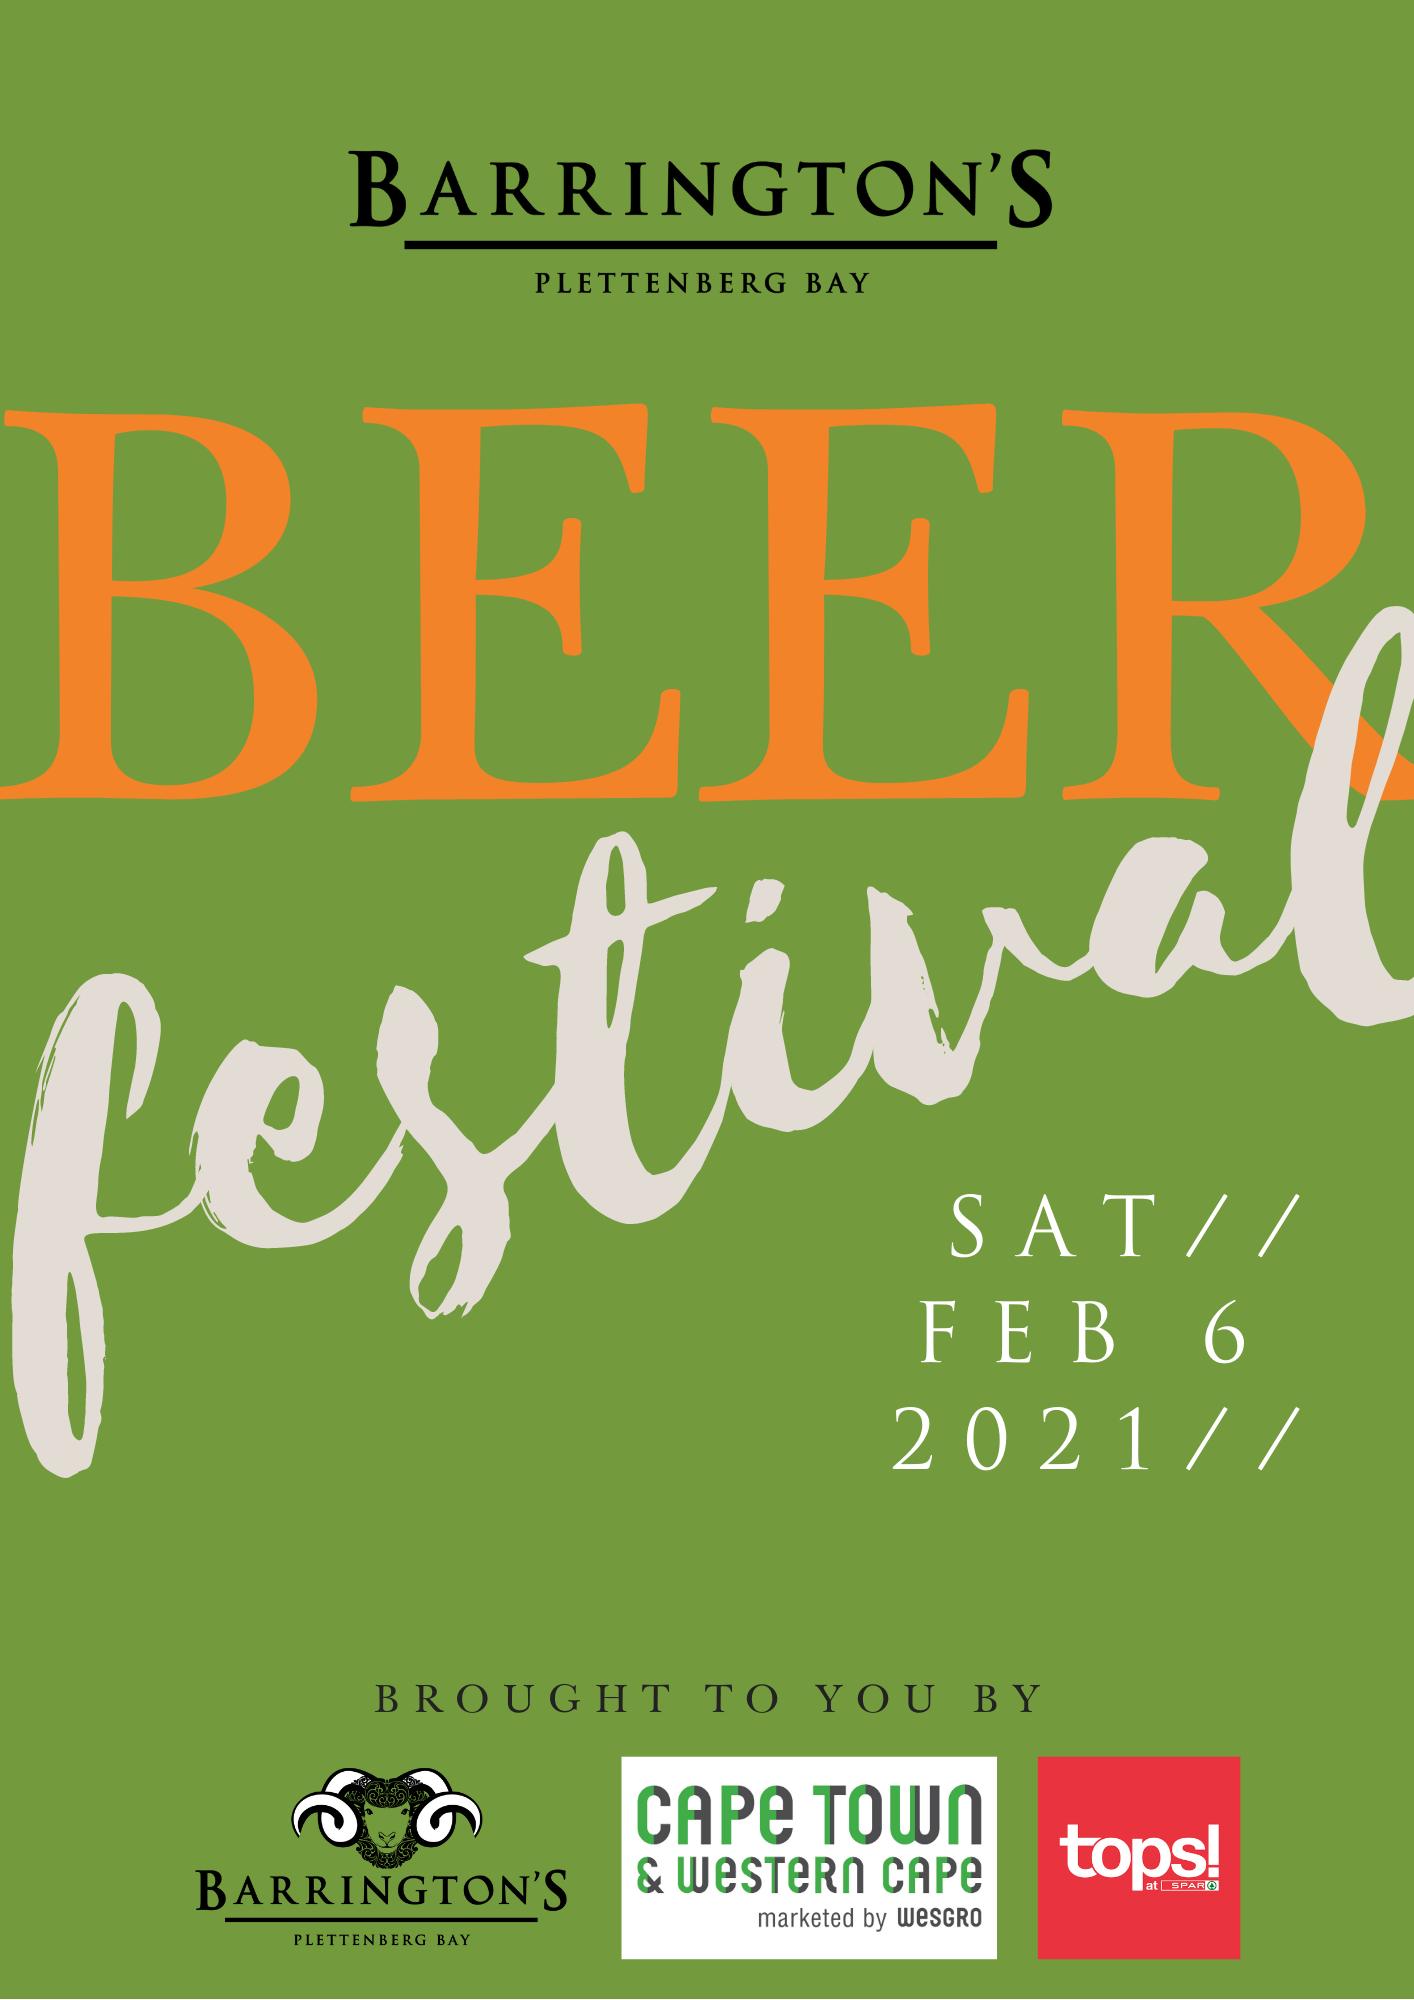 Barrington's Beer Festival in Plettenberg Bay